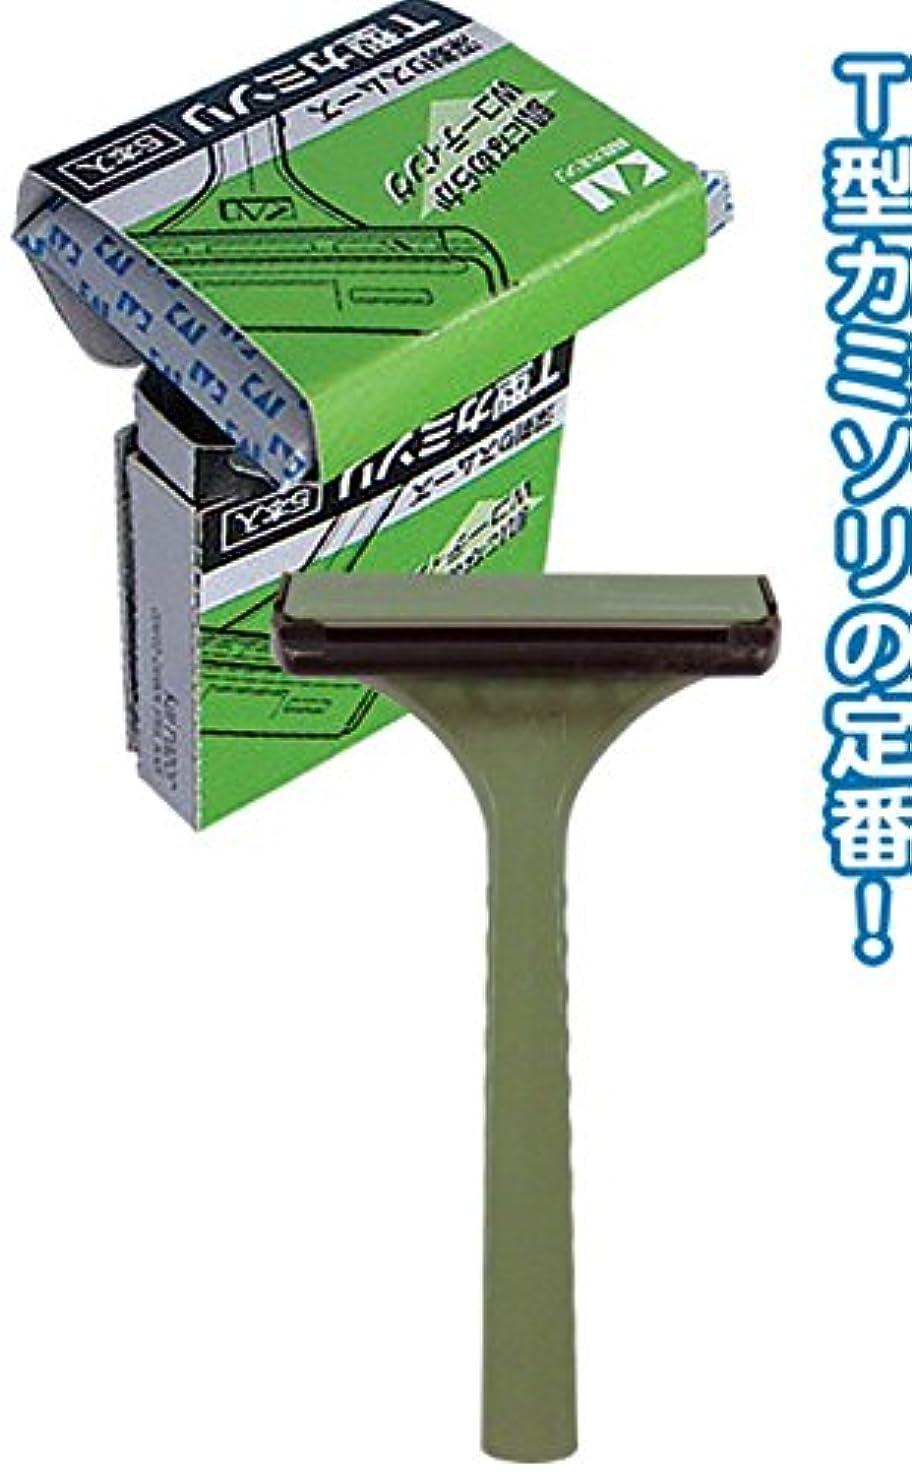 騒サークル廃棄する貝印 T型カミソリ(5P) 【まとめ買い40個セット】 21-041